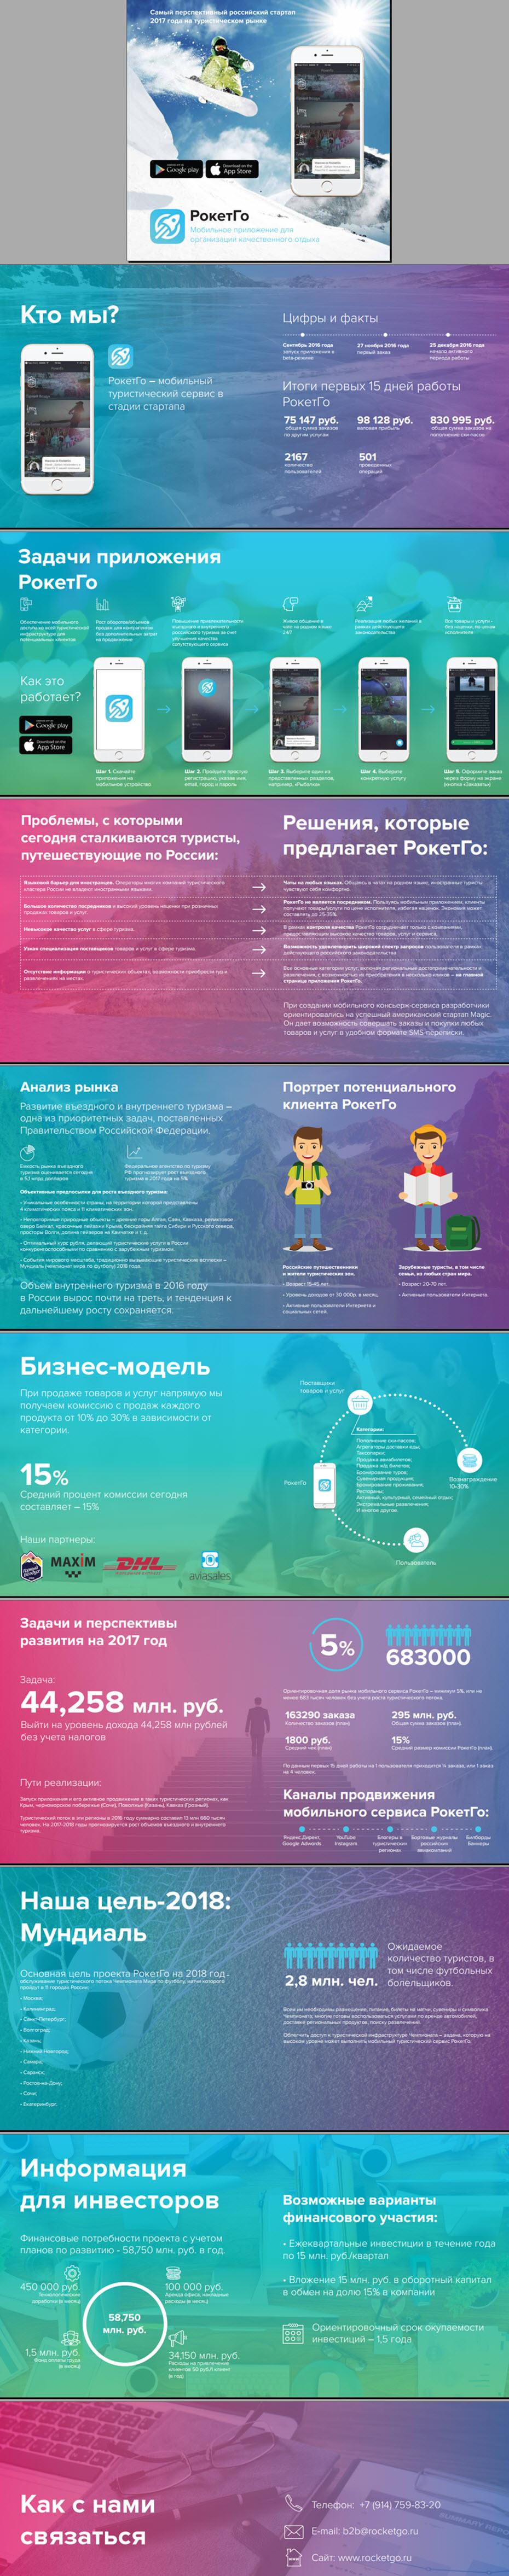 Презентация - Мобильное приложение